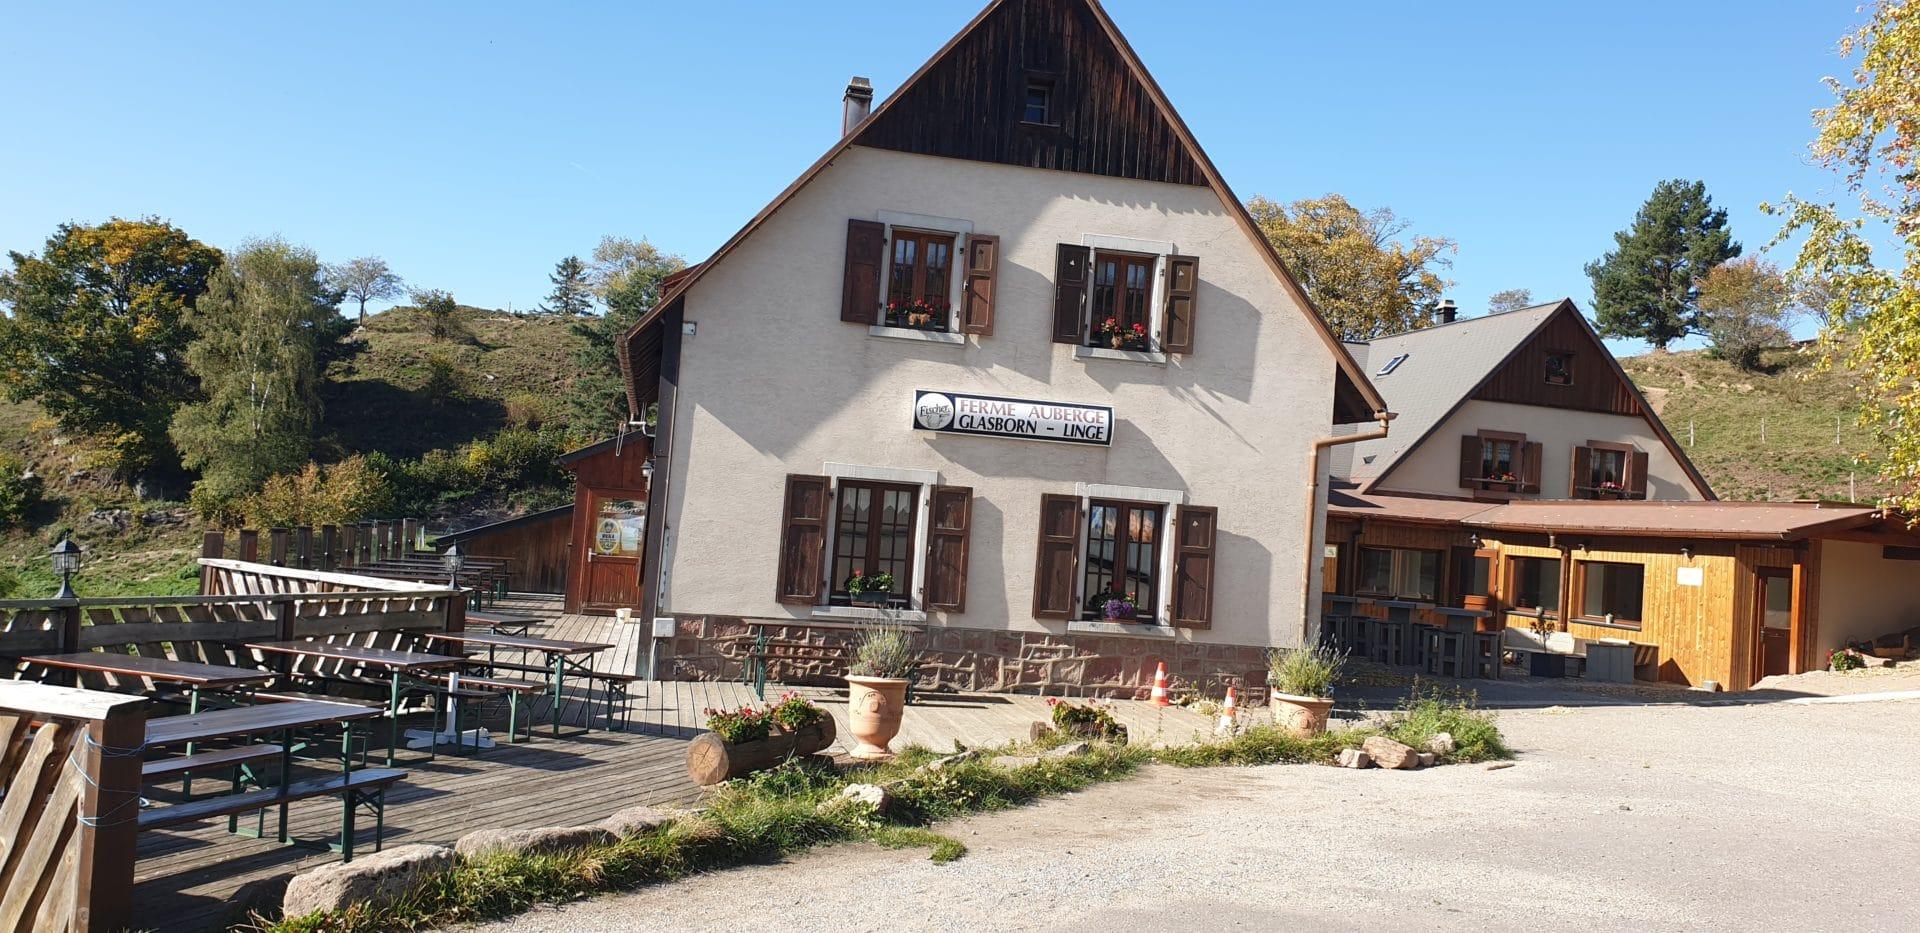 20191014 132328 1920x933 - Randonnée Col du Linge  Munster Vosges Alsace